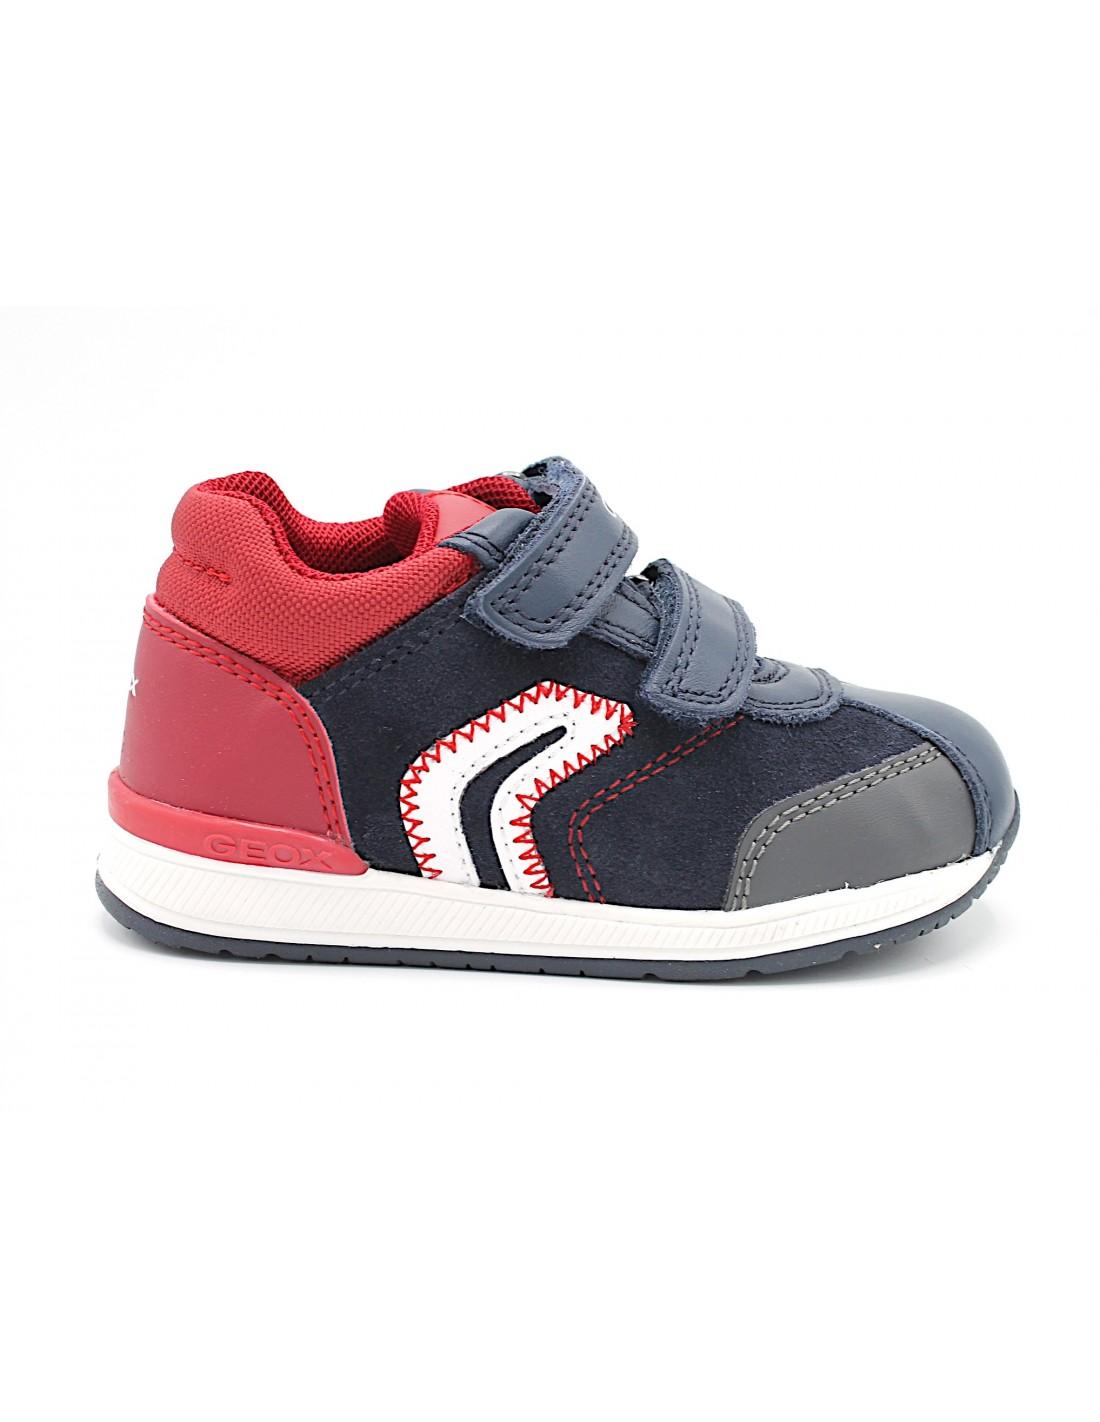 Geox scarpe da bambino primi passi per bimbo scarpa bambini sneakers con strappi | eBay